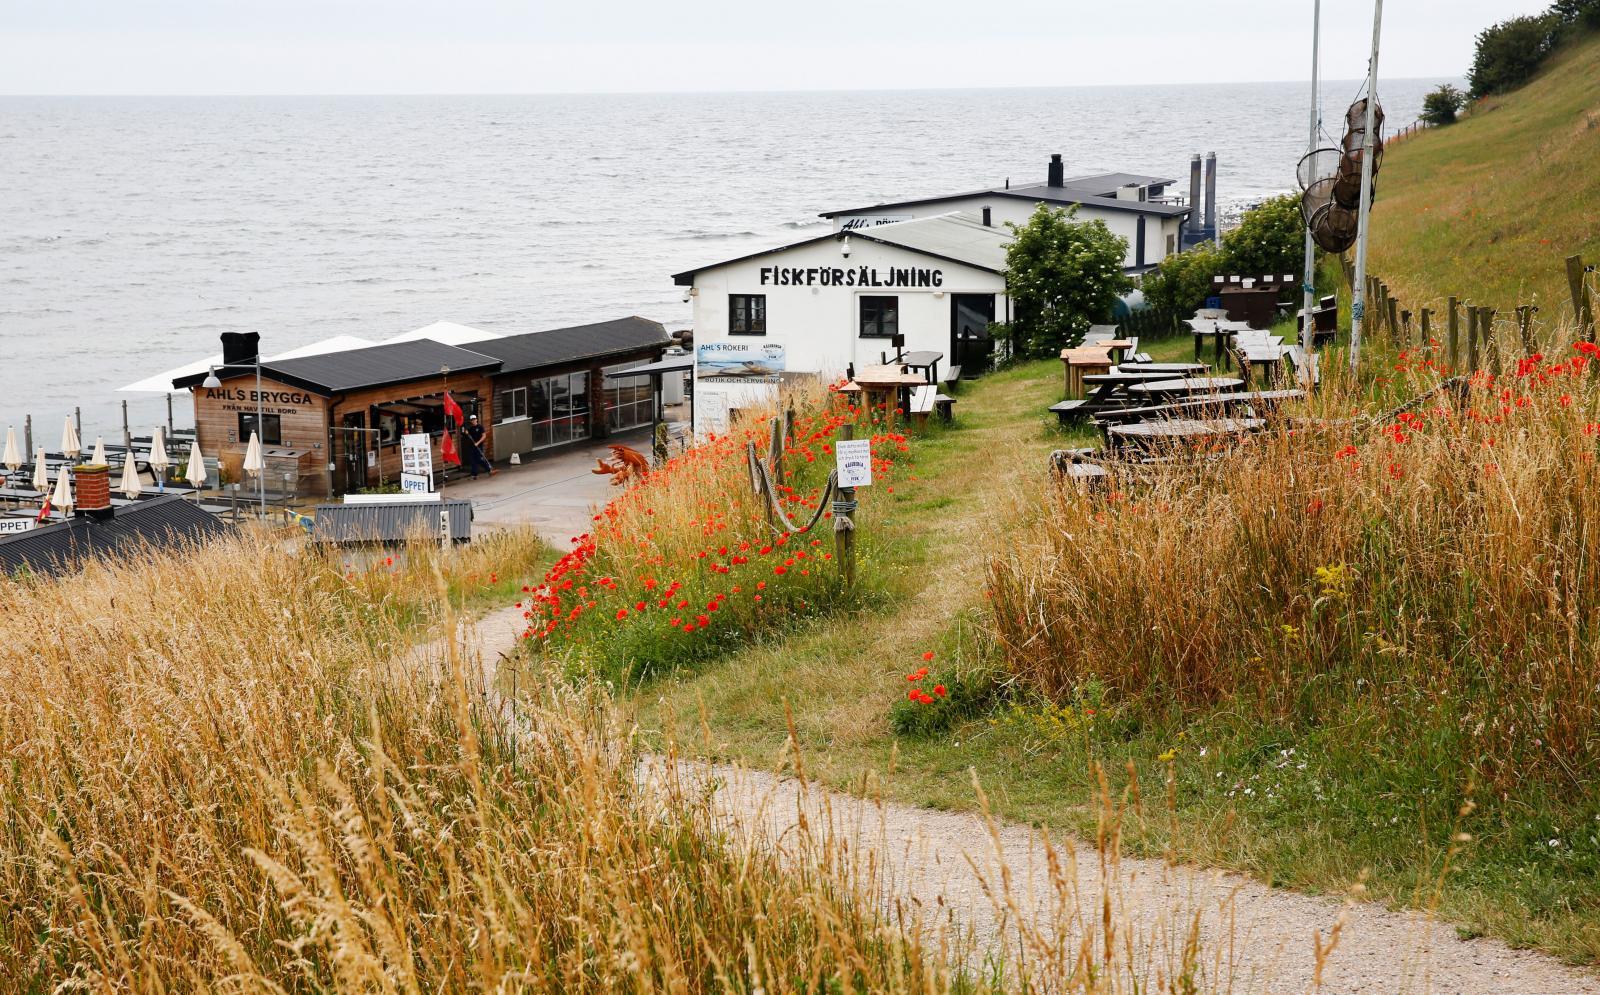 Hamnen i Kåseberga. Här finns glasskiosk, kafé och restauranger.